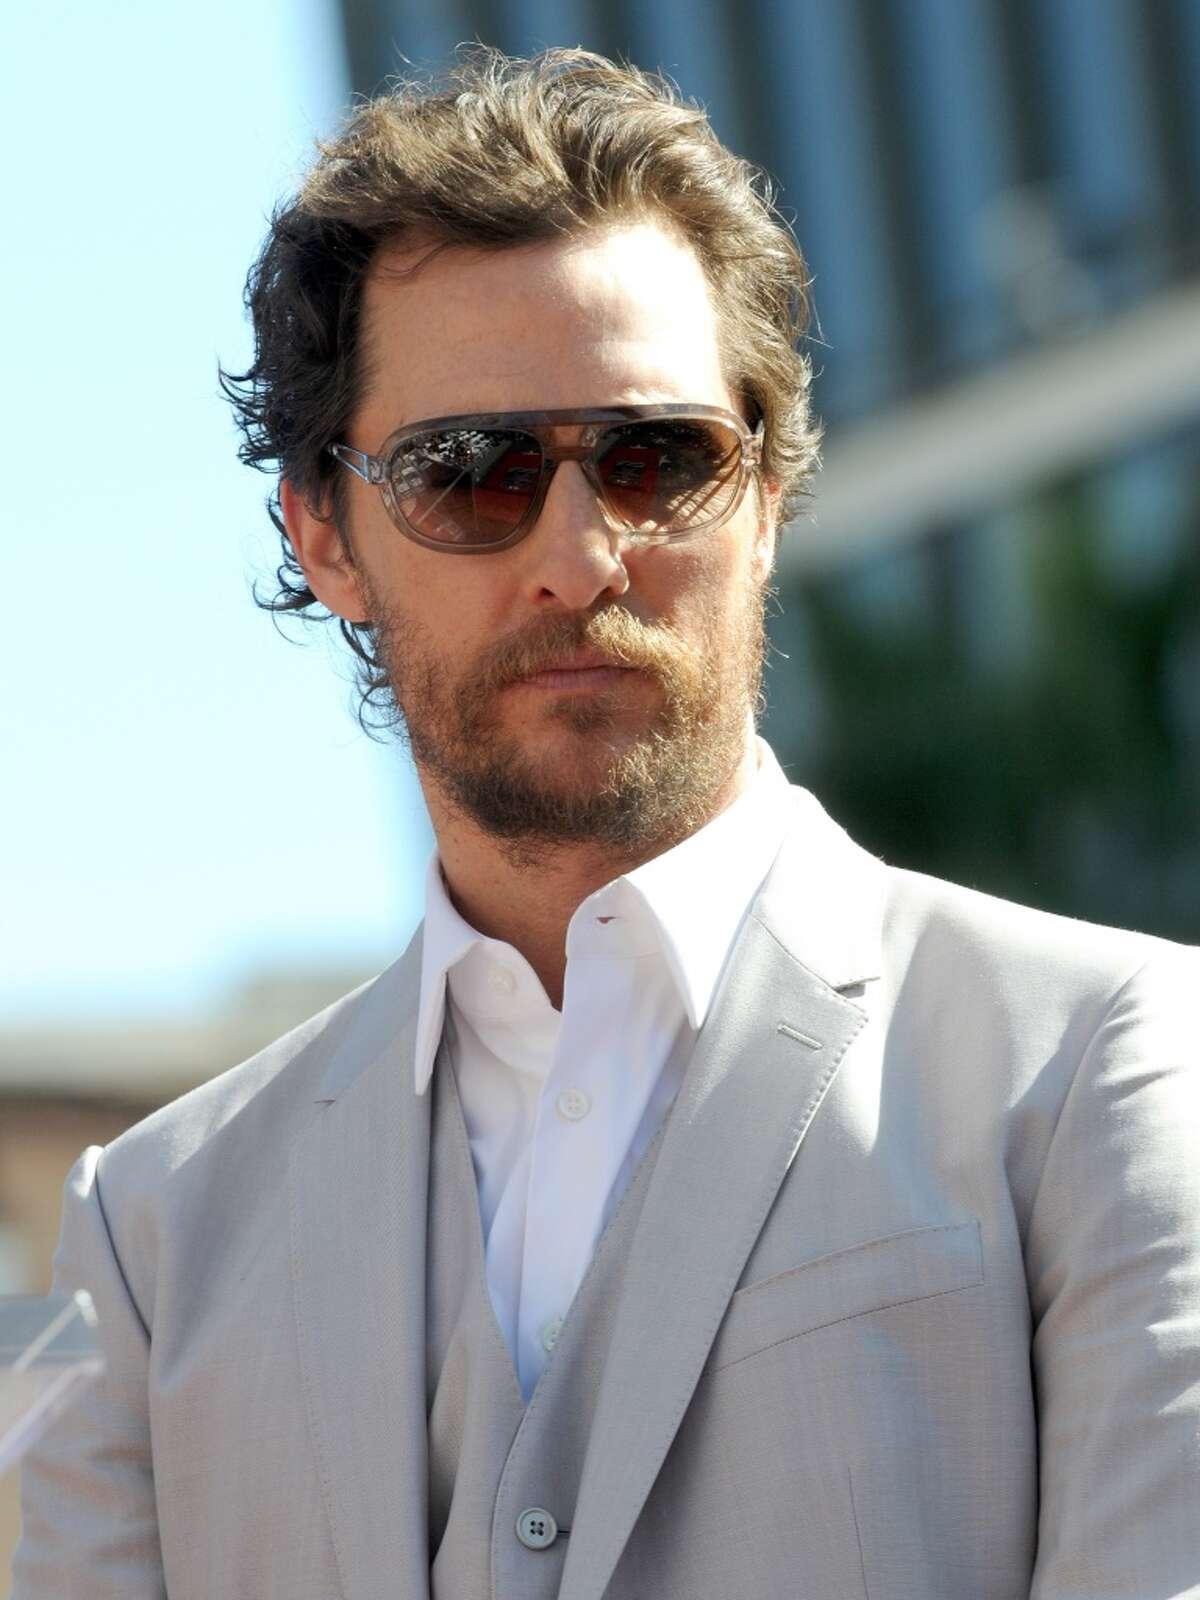 Matthew McConaughey's